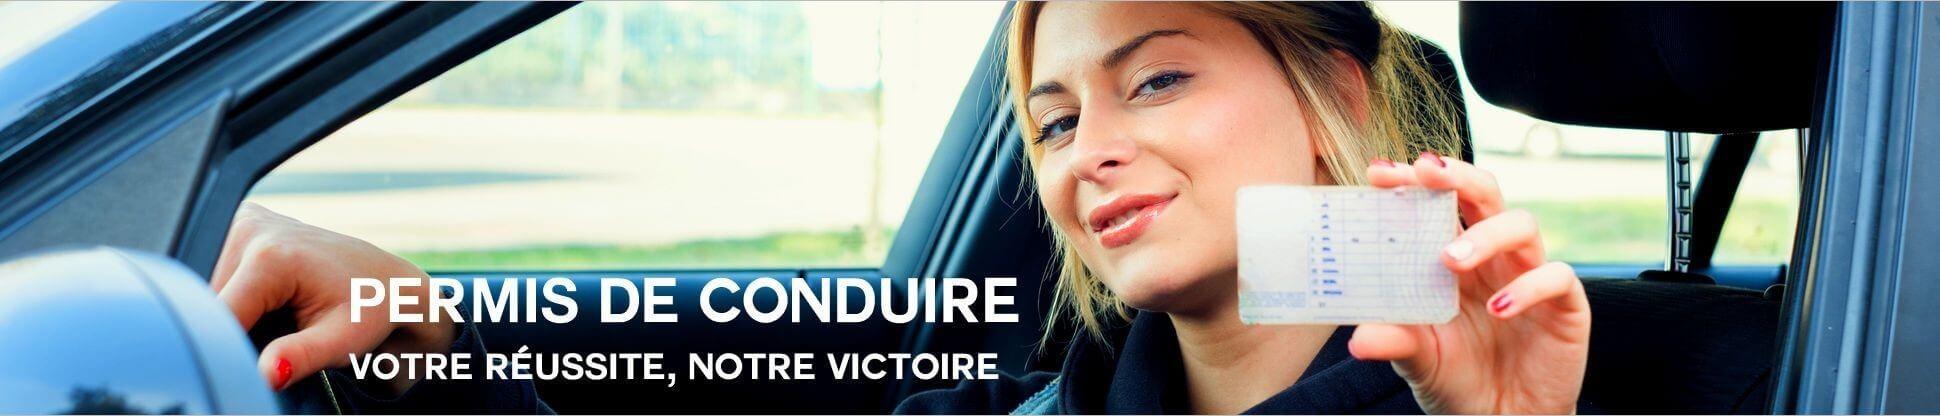 Permis de conduire automobile auto-école des Victoires Boulogne-sur-mer